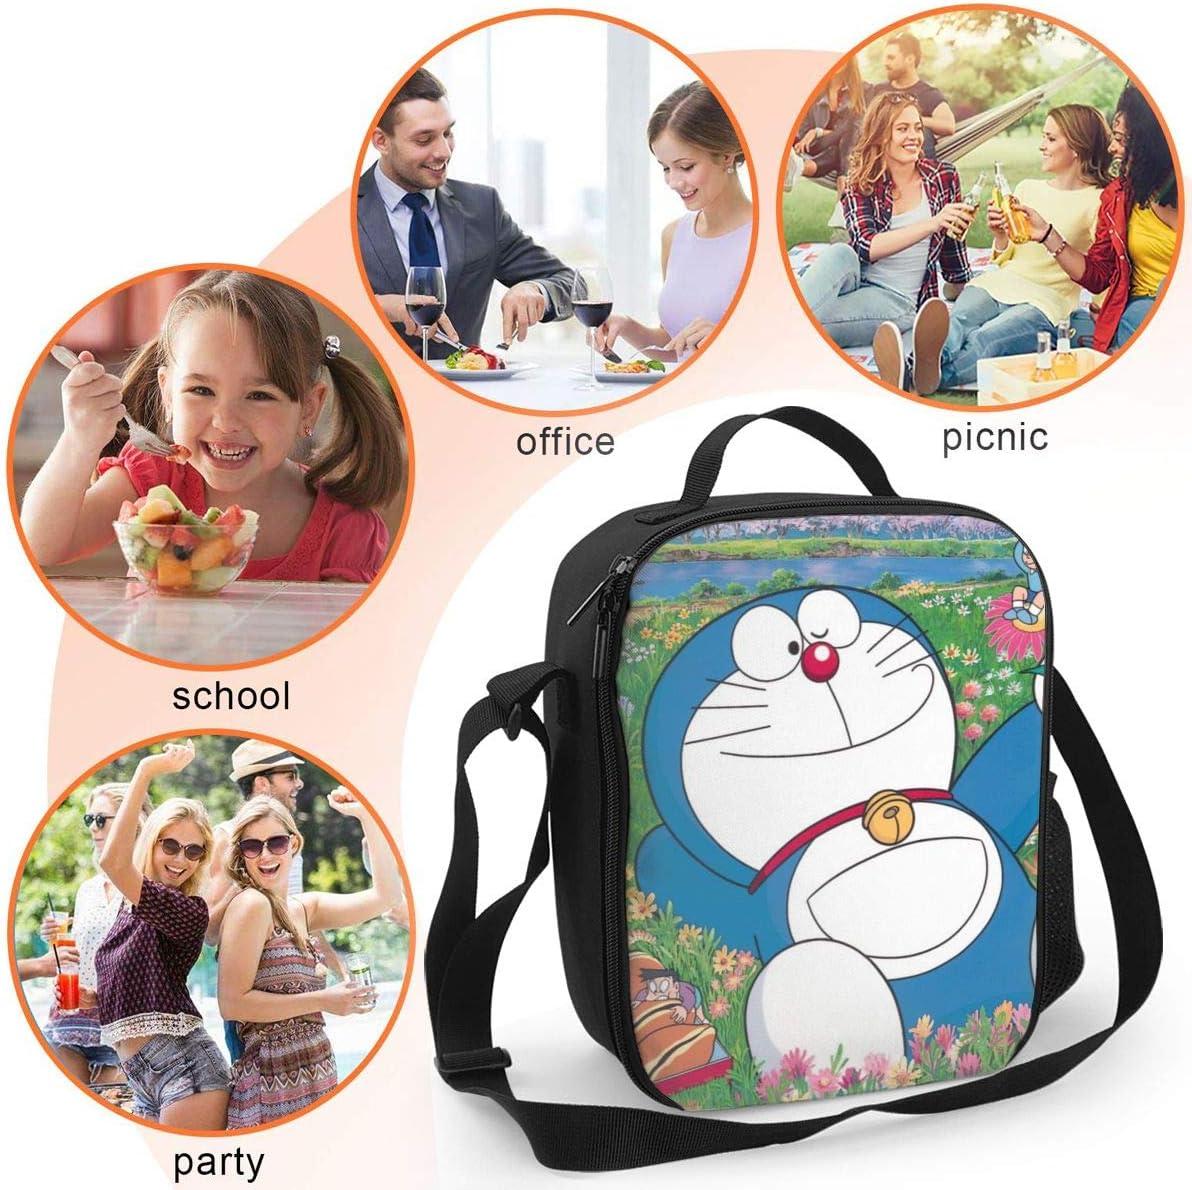 transporte de alimentos gourmet bolsas de almuerzo para ni/ños p/ícnic Doraemon Bolsa de almuerzo aislada con aislamiento t/érmico para la escuela ni/ñas ni/ños y mujeres